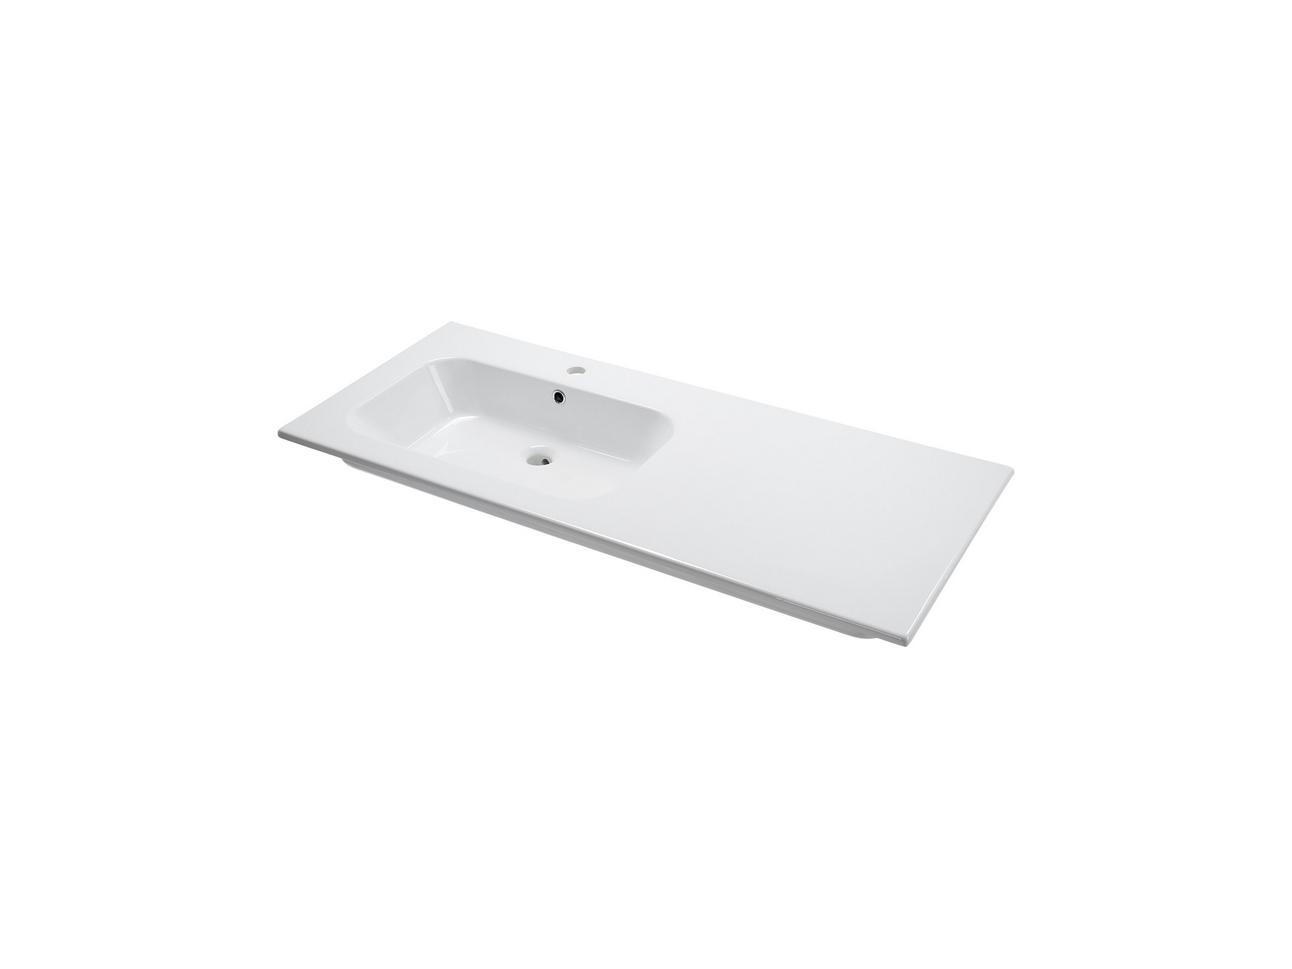 marlo 120l waschtisch mit 2 t ren schublade auszug. Black Bedroom Furniture Sets. Home Design Ideas